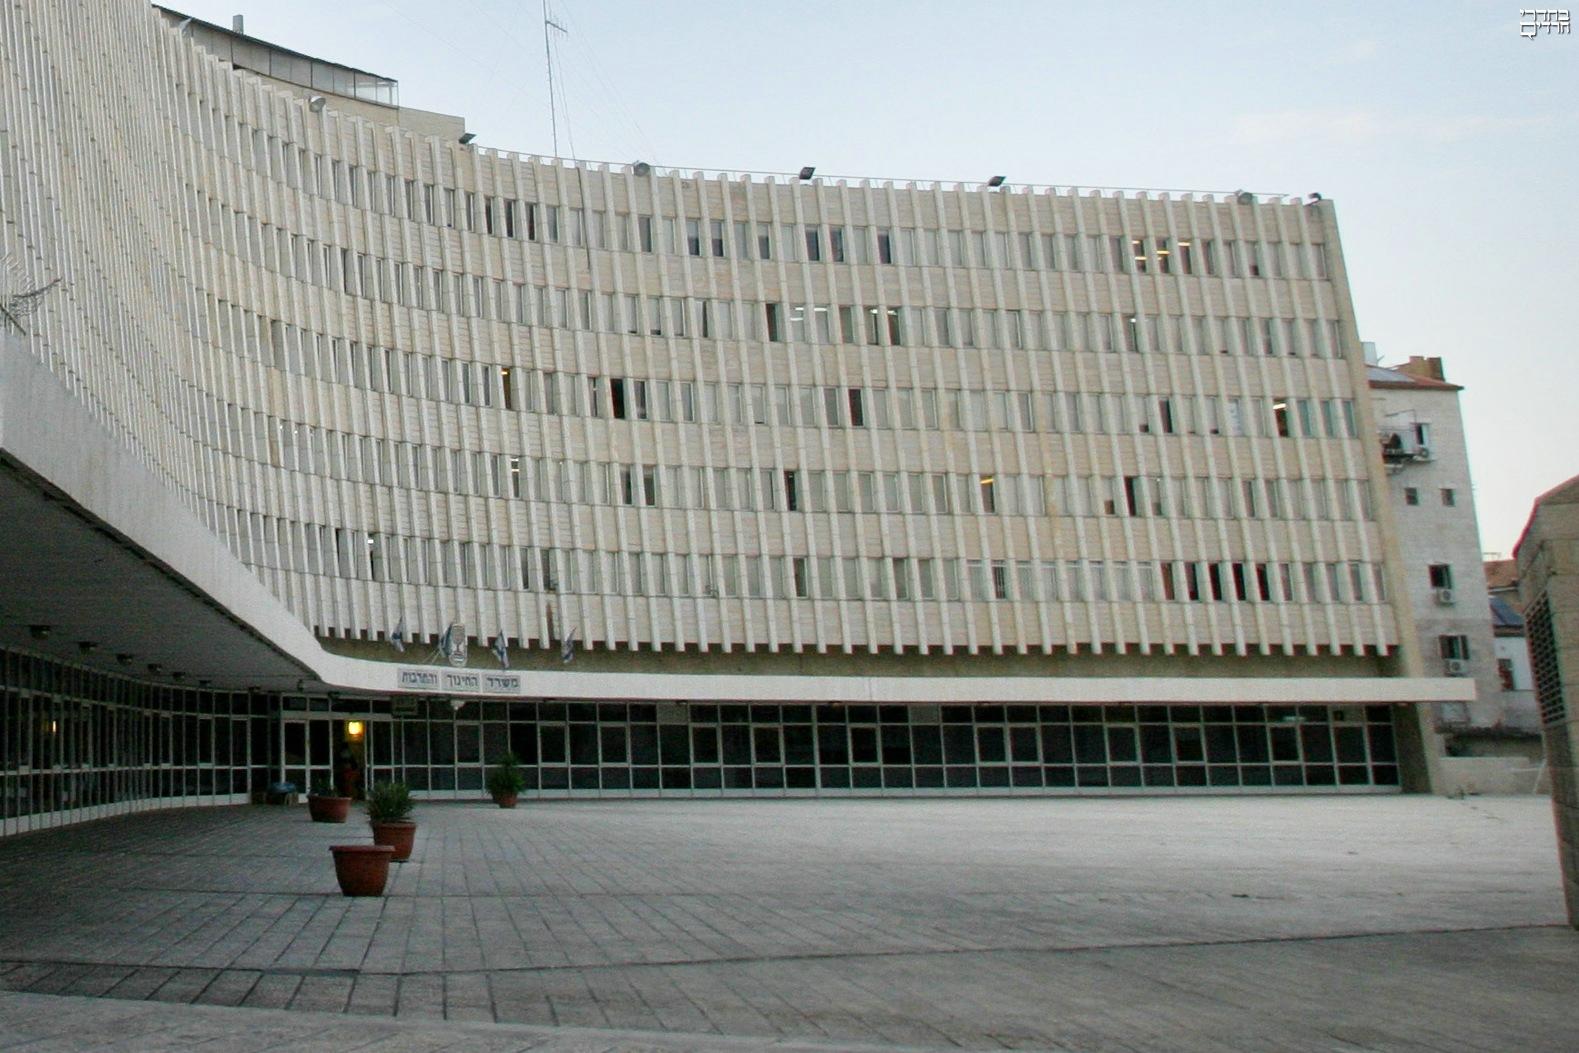 משרד החינוך: הוקפא המכרז למינוי מנהל מחוז חרדי